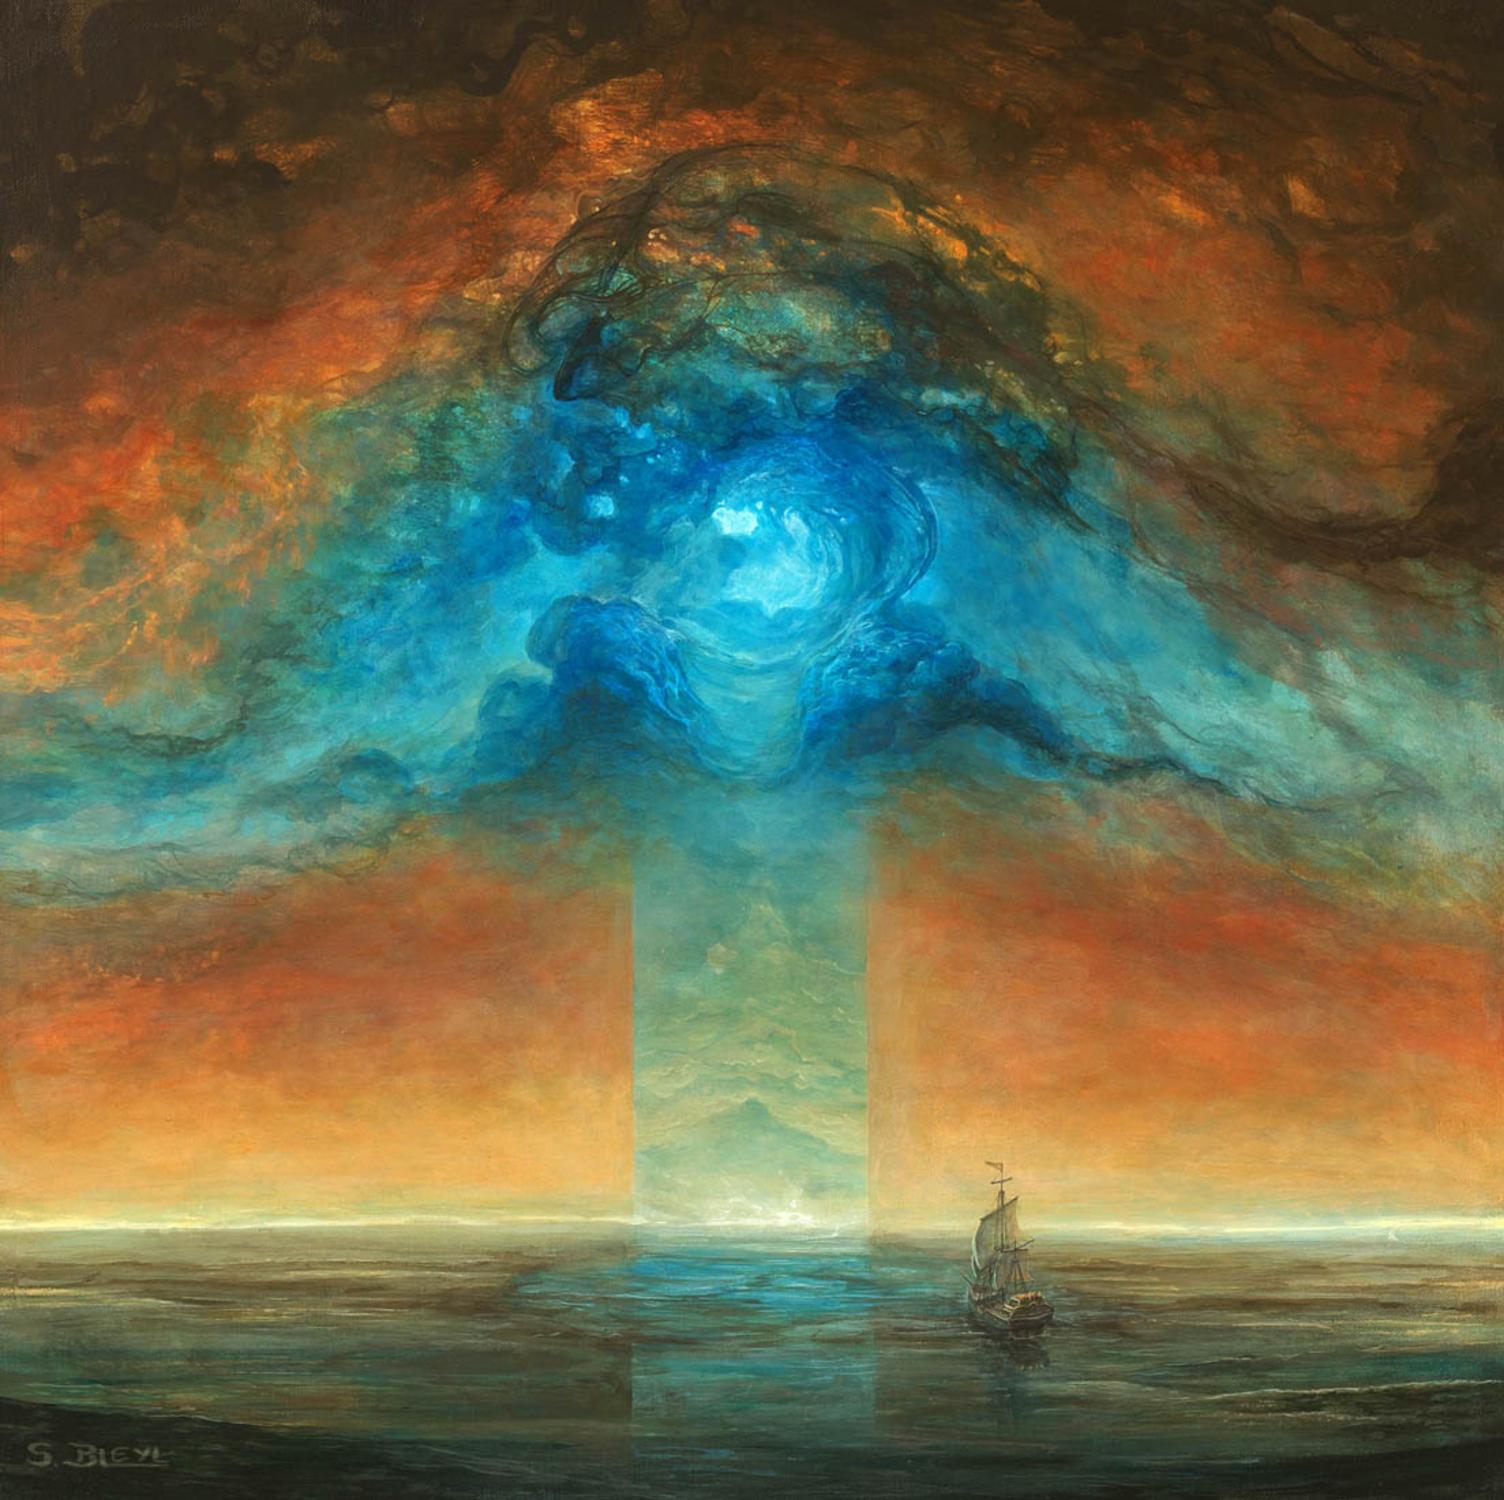 Back to the deep lands IV Artwork by Stefan Bleyl